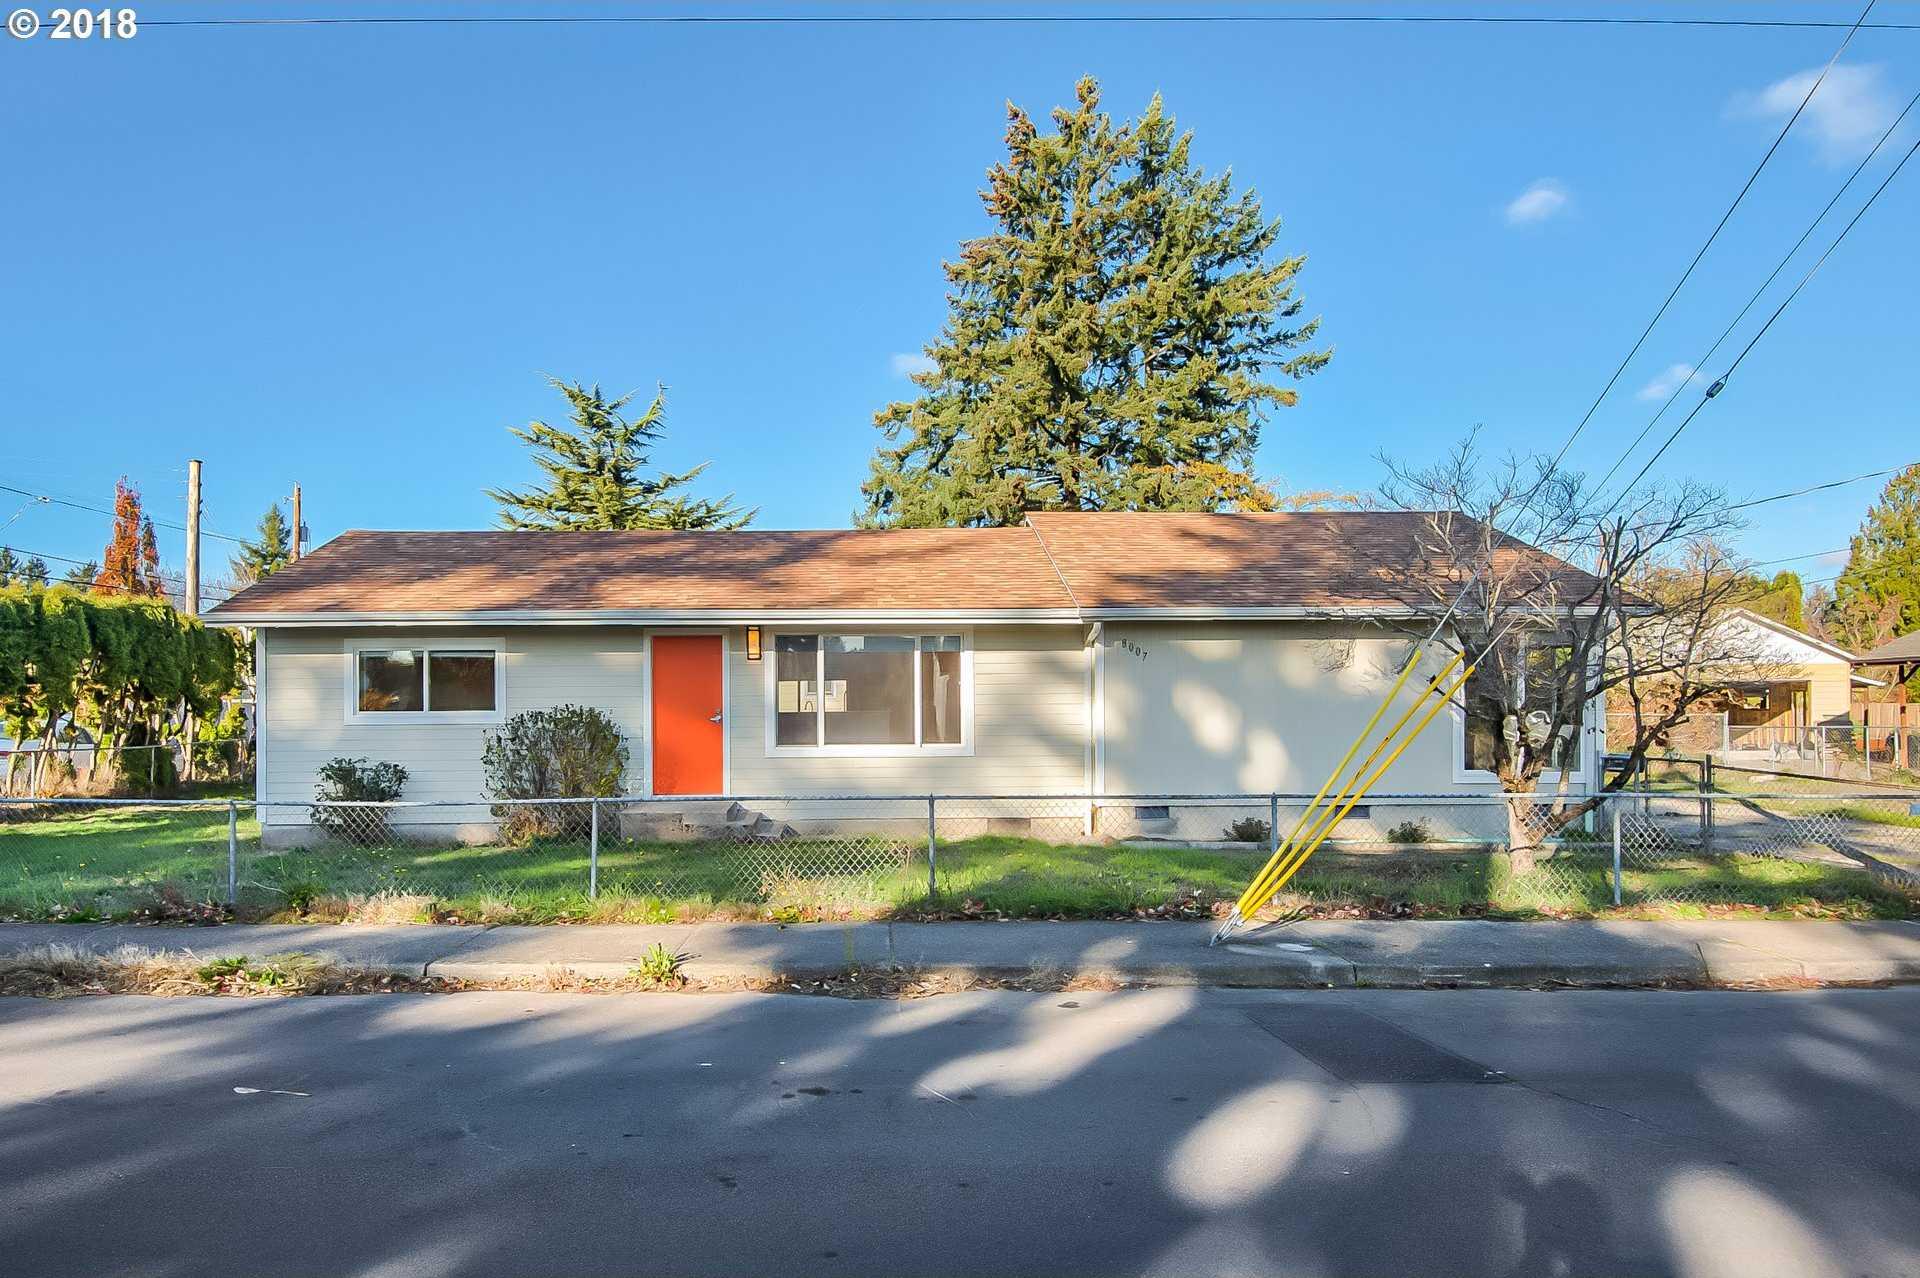 $434,900 - 3Br/2Ba -  for Sale in Mt Scott - Arleta, Portland